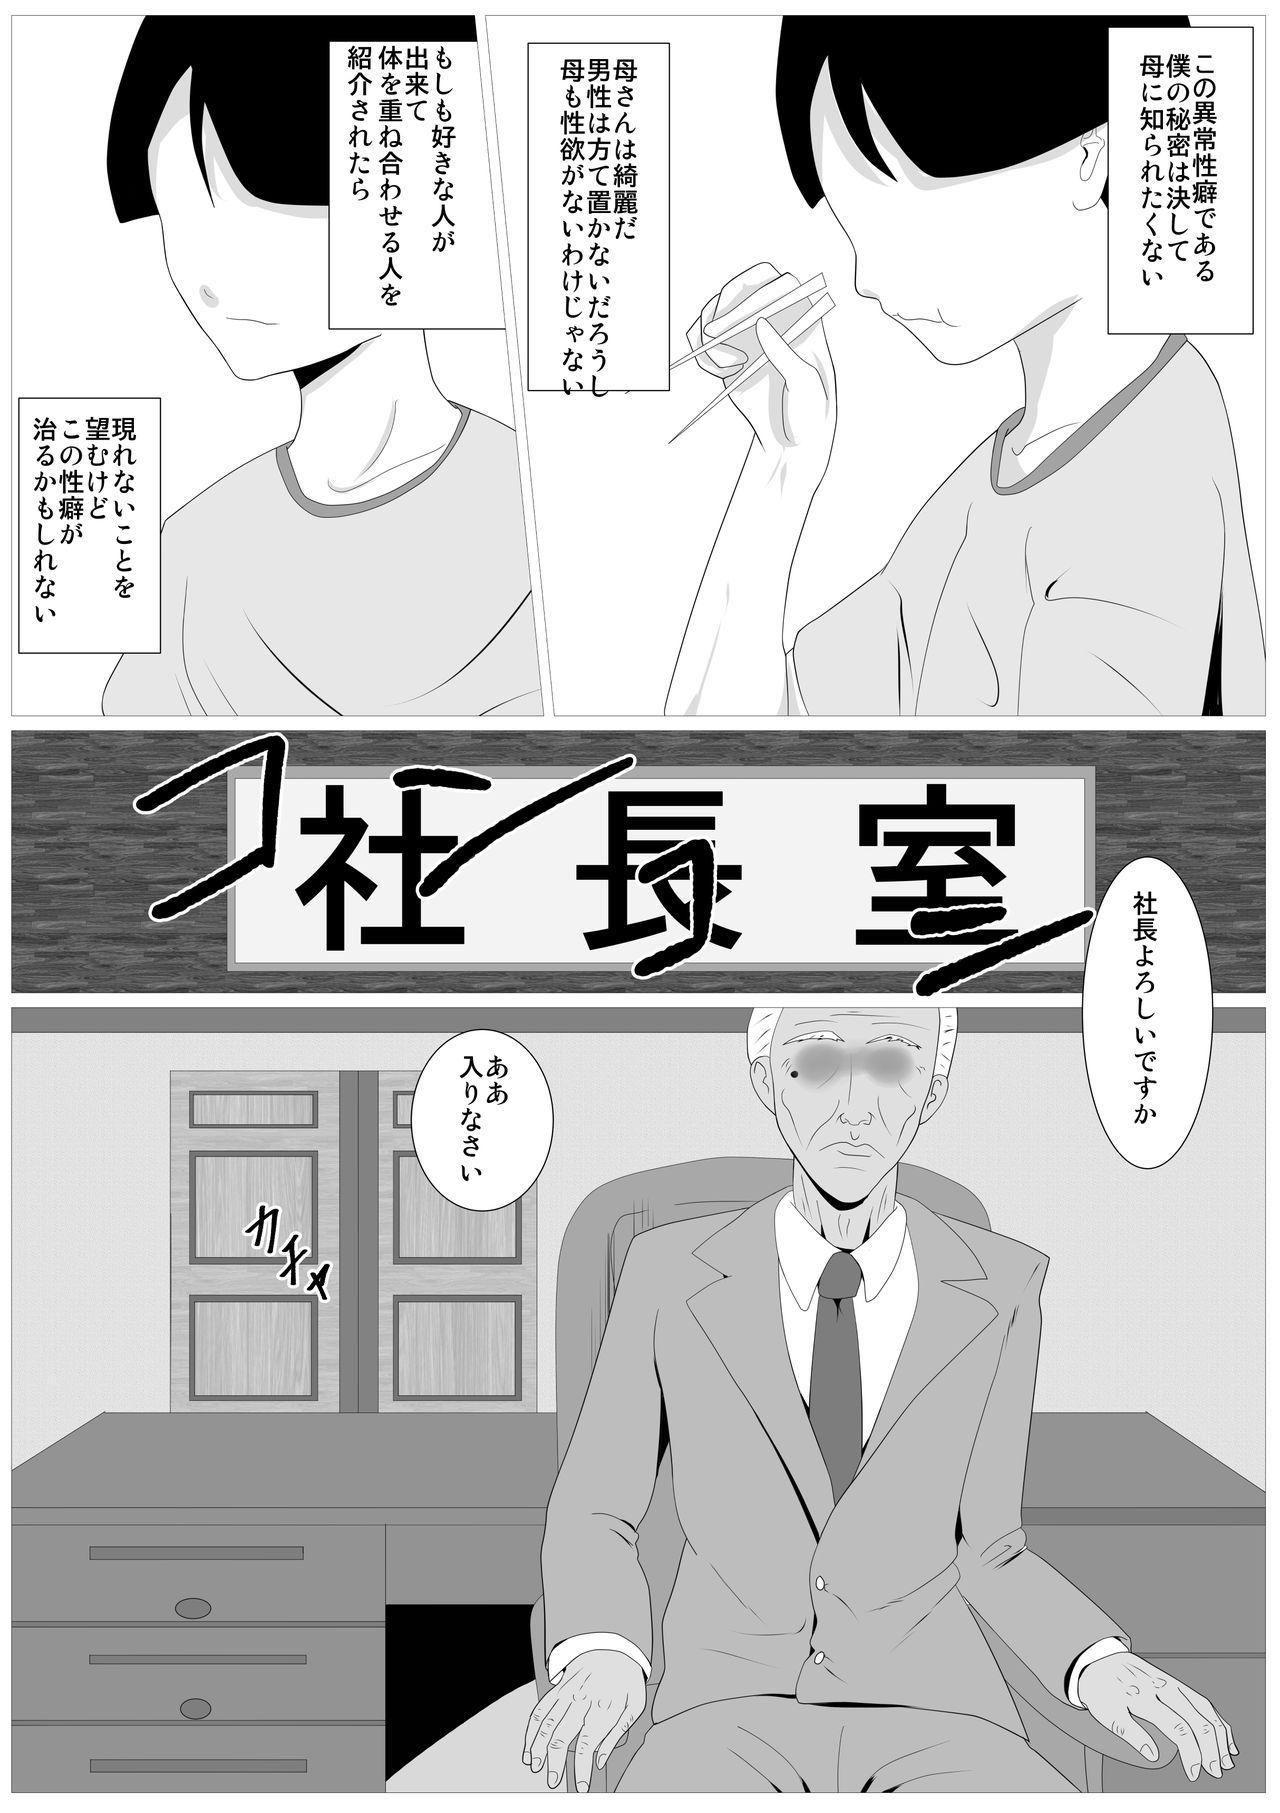 Musuko no Tamenaraba 5